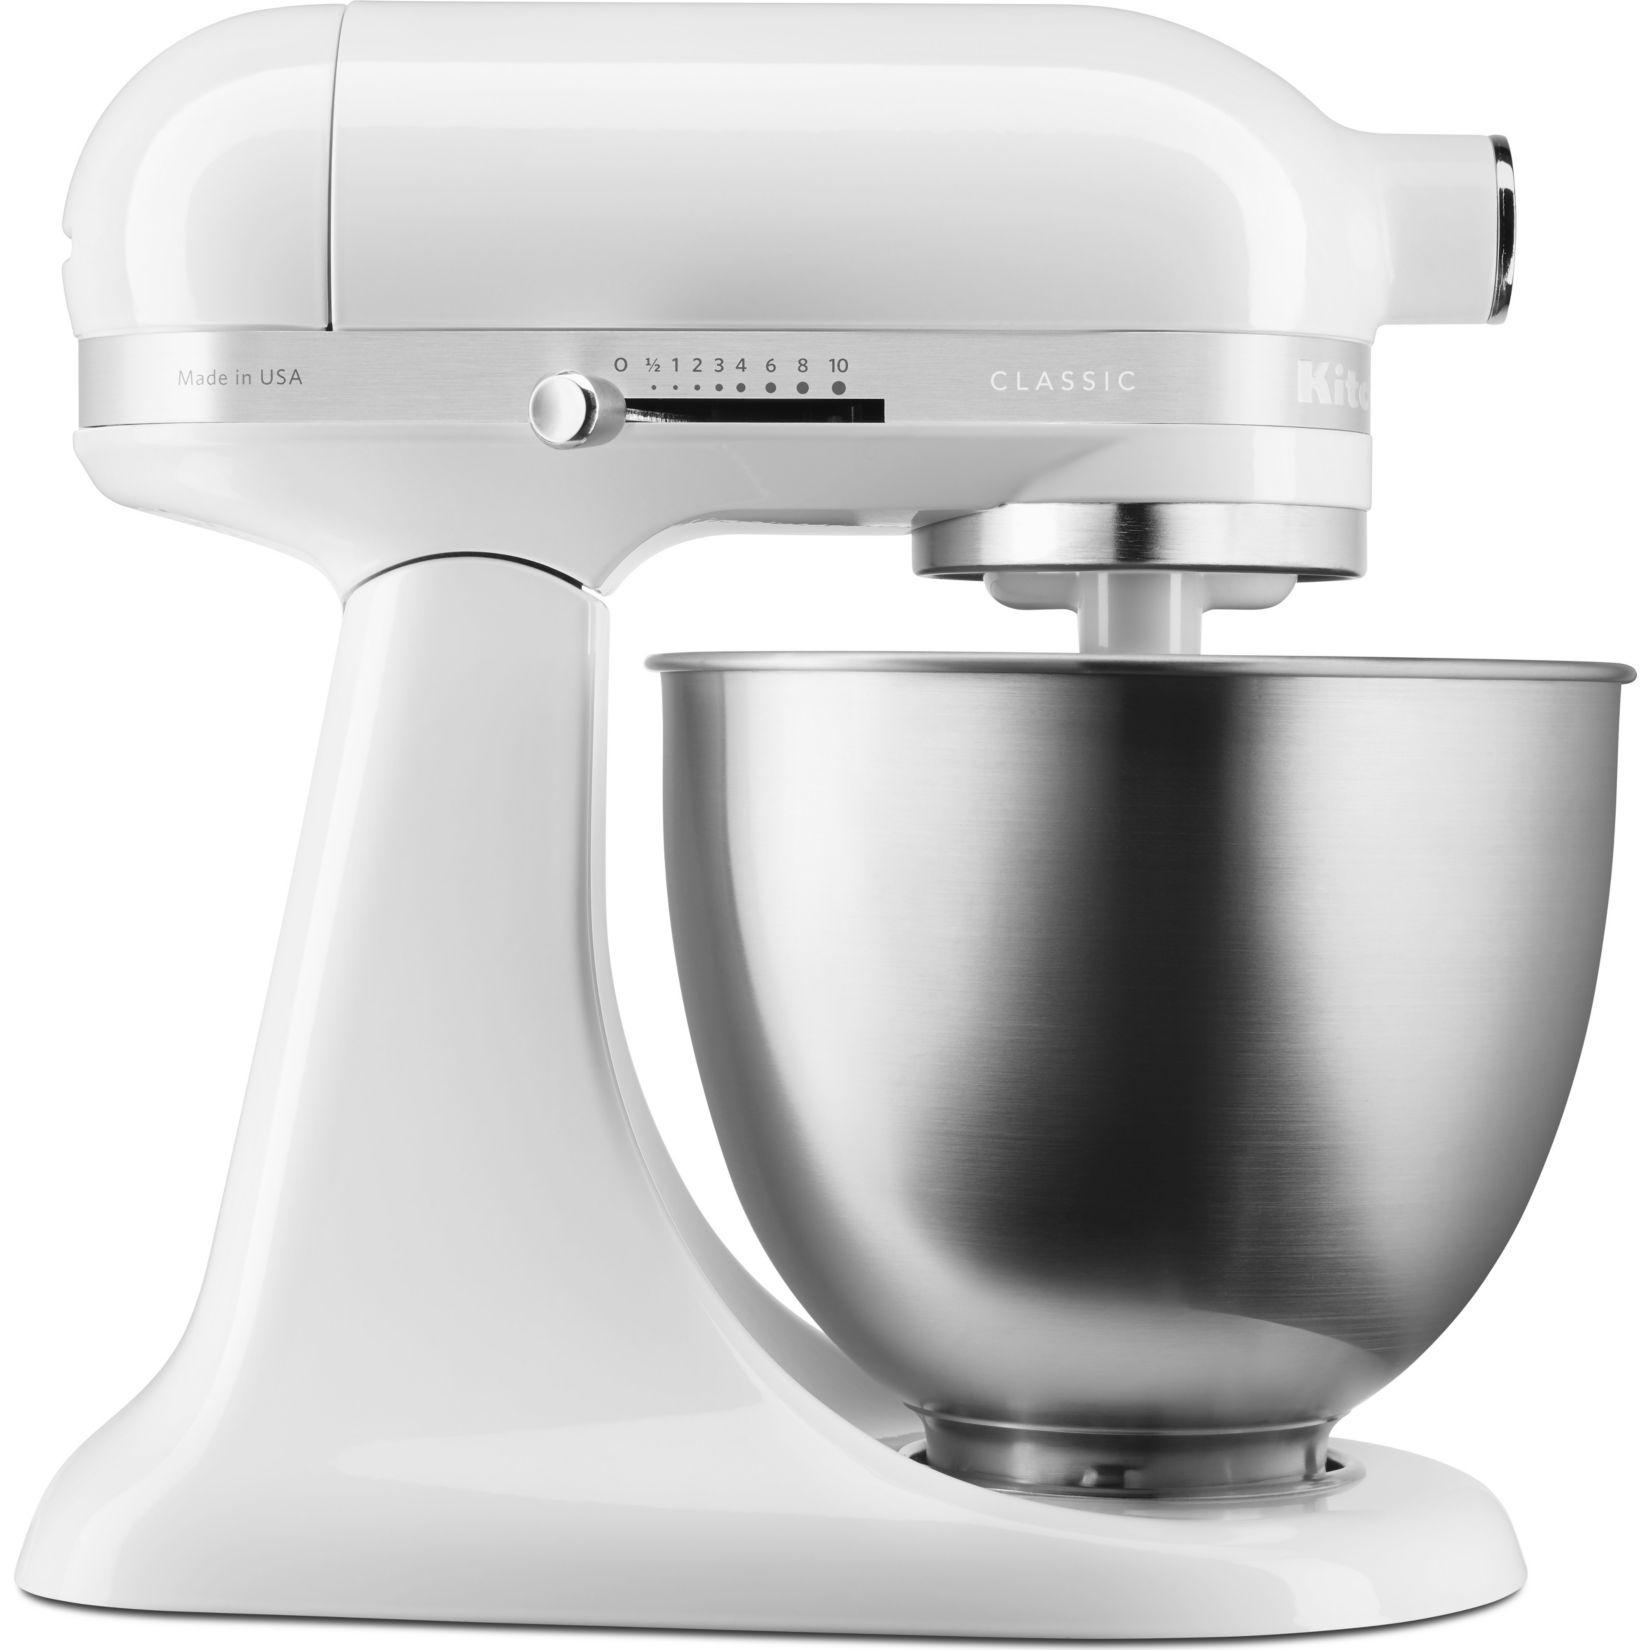 KitchenAid 5KSM3310X CLASSIC Küchenmaschine 3,3 Liter für 193,98 Euro [Globus Wiesental / ev. weitere Filialen]